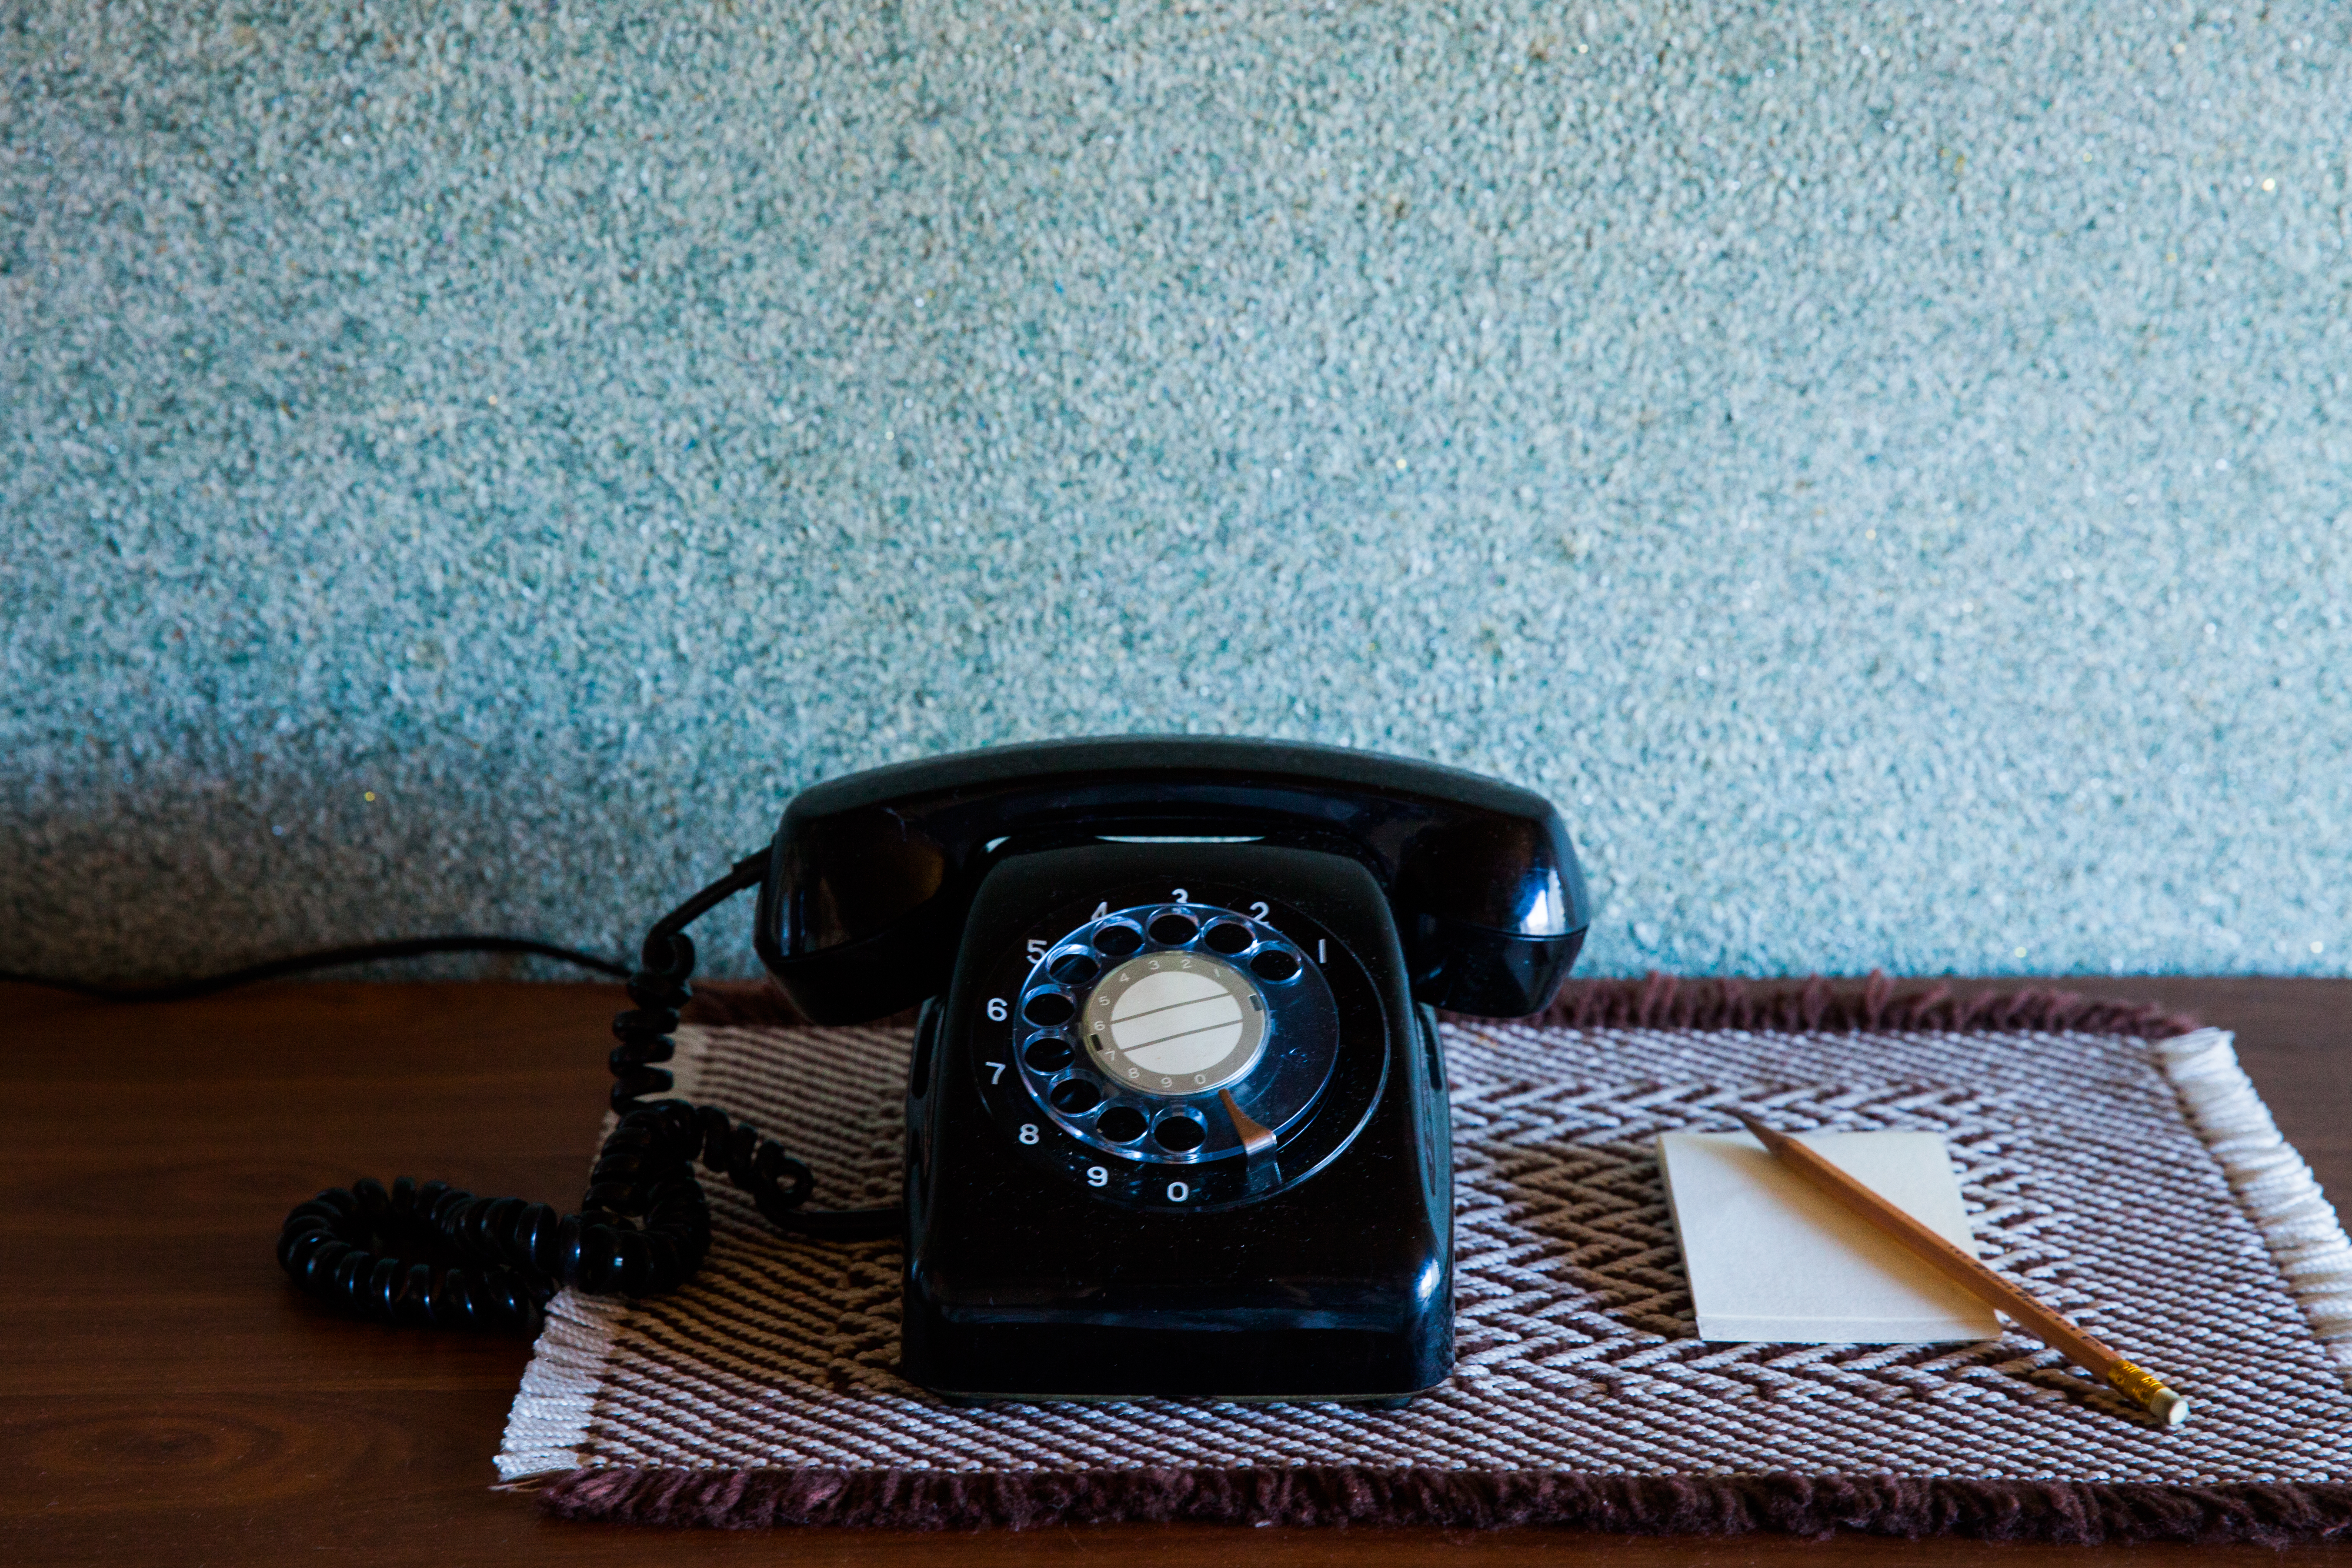 黒電話は停電でも使えるのはなぜ?電源不要で災害時も使えるか?